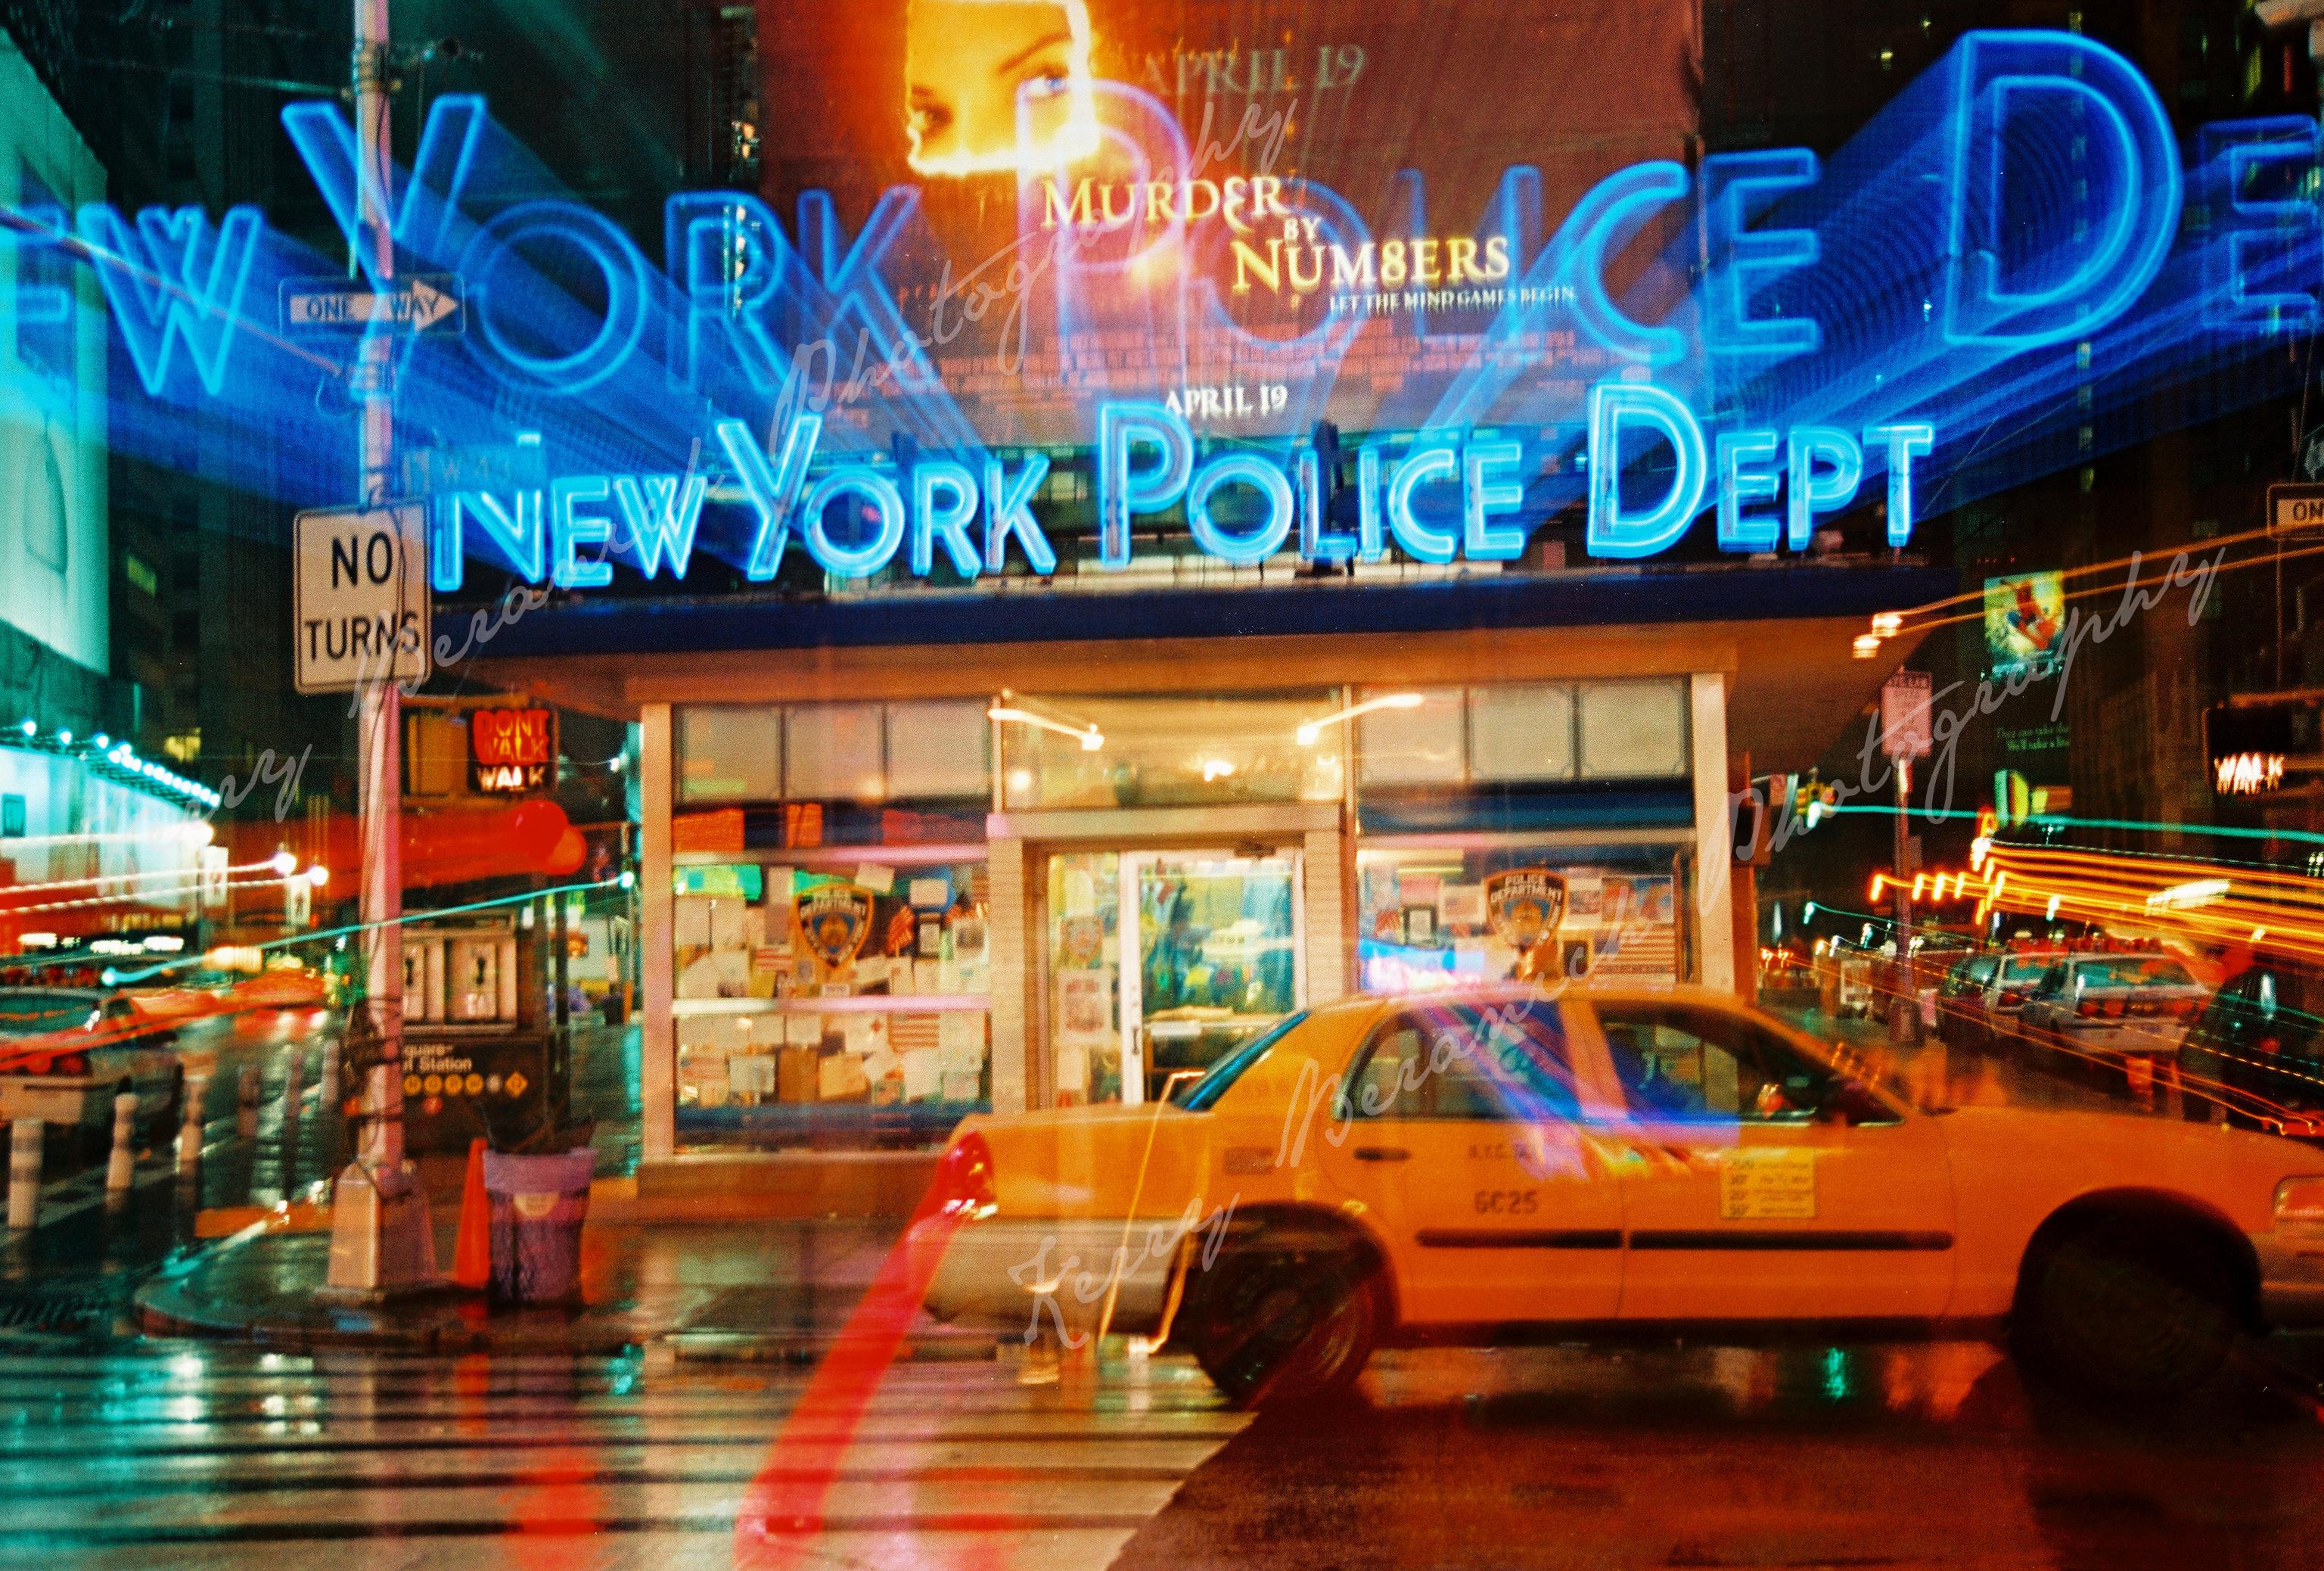 NY police watermark